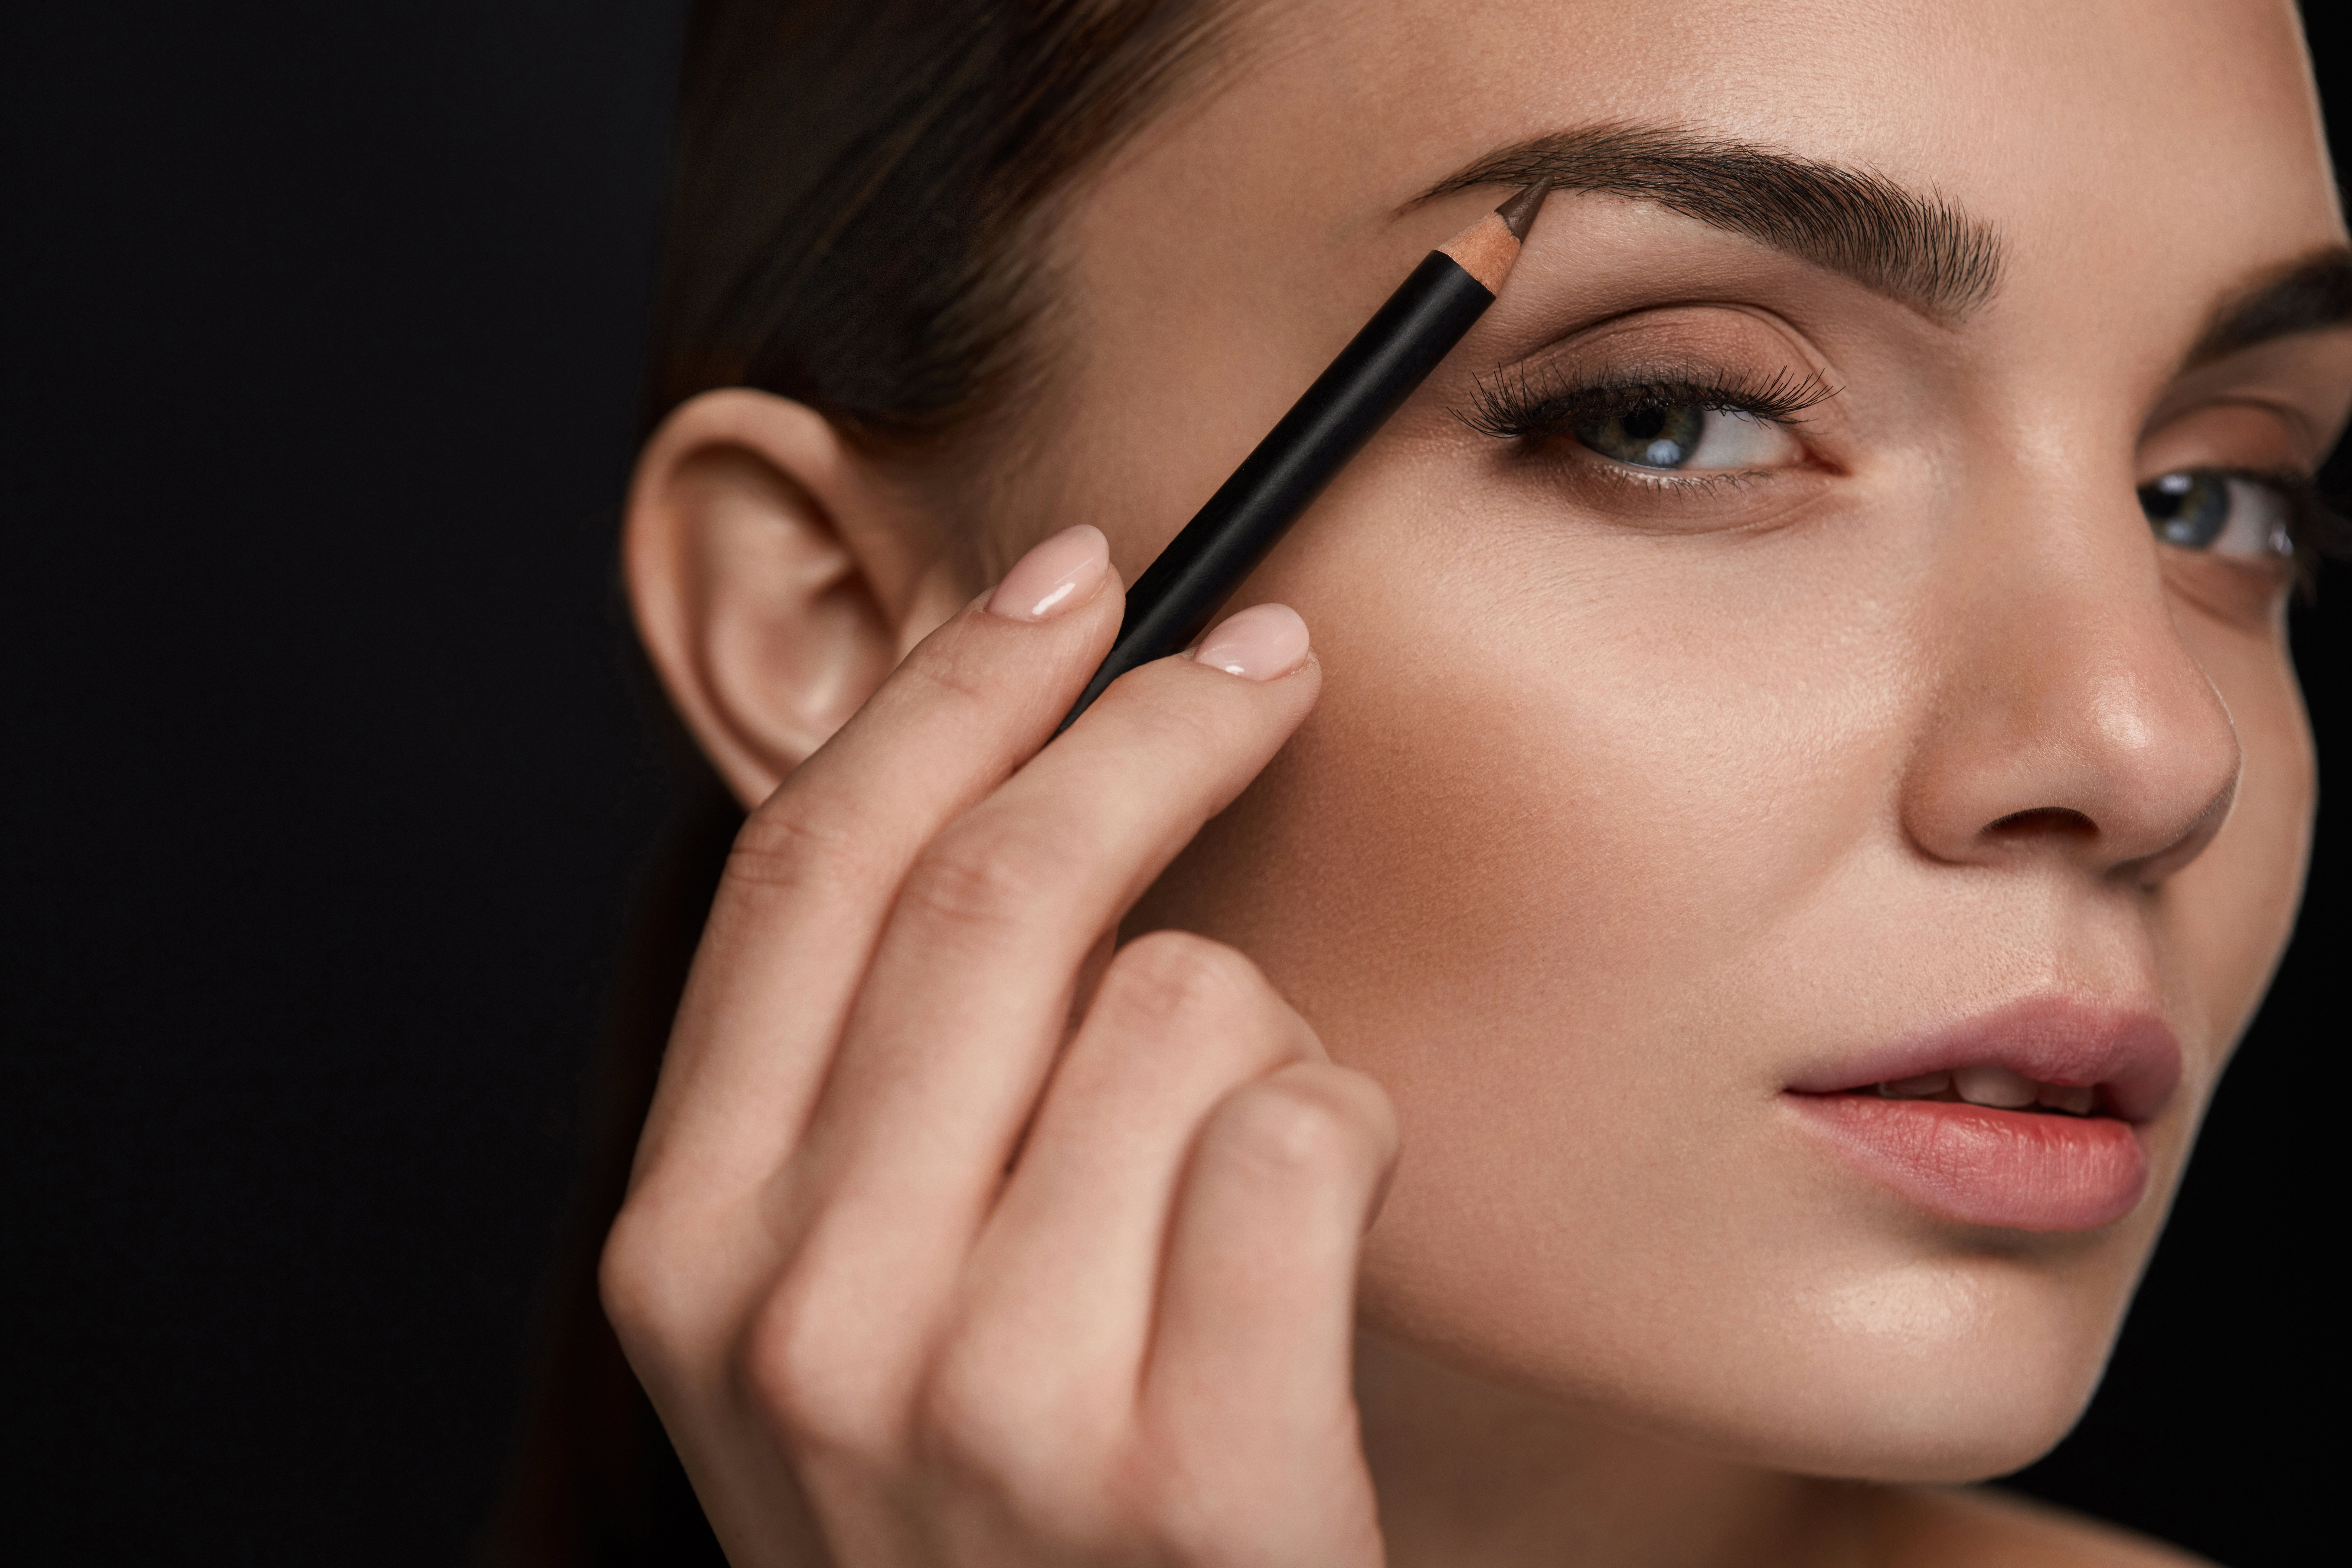 Lápiz de cejas, otra opción para conseguir mejor forma.   Foto: Shutterstock